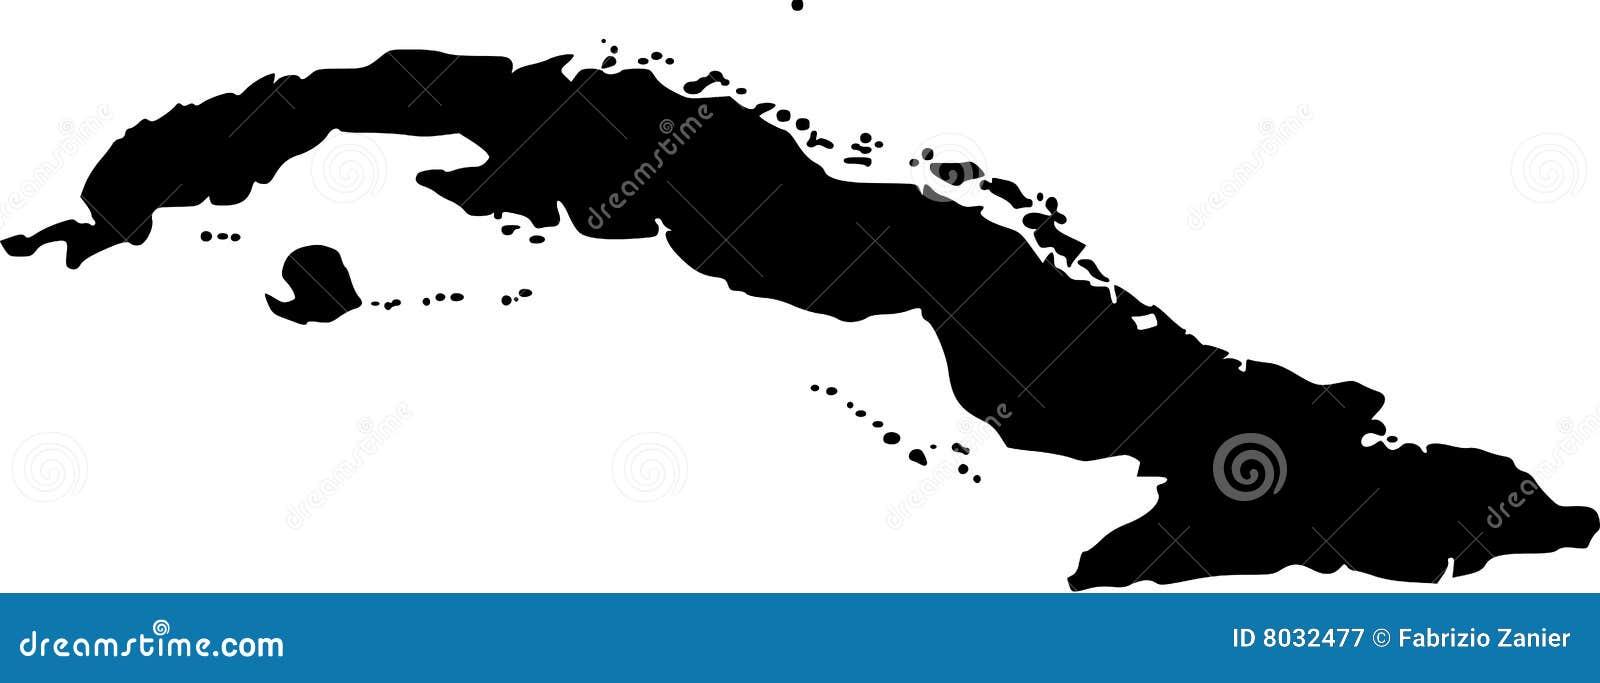 Cuba översiktsvektor